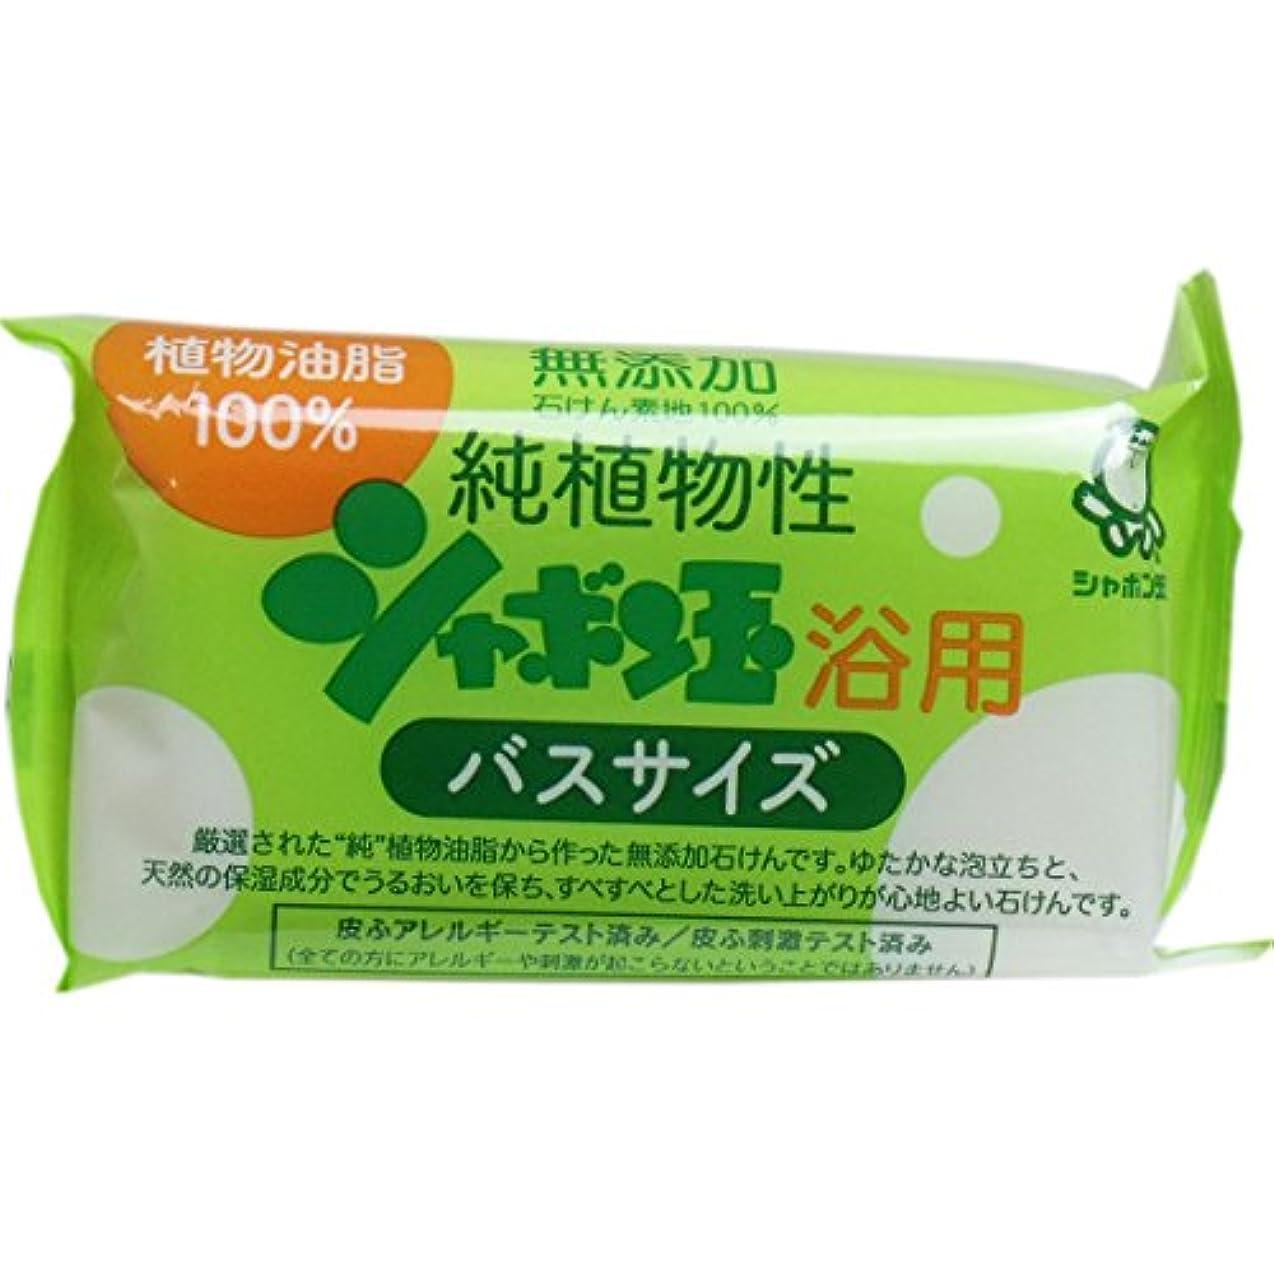 ファンブル火曜日細菌無添加 シャボン玉 純植物性浴用石けん バスサイズ 155g(無添加石鹸)